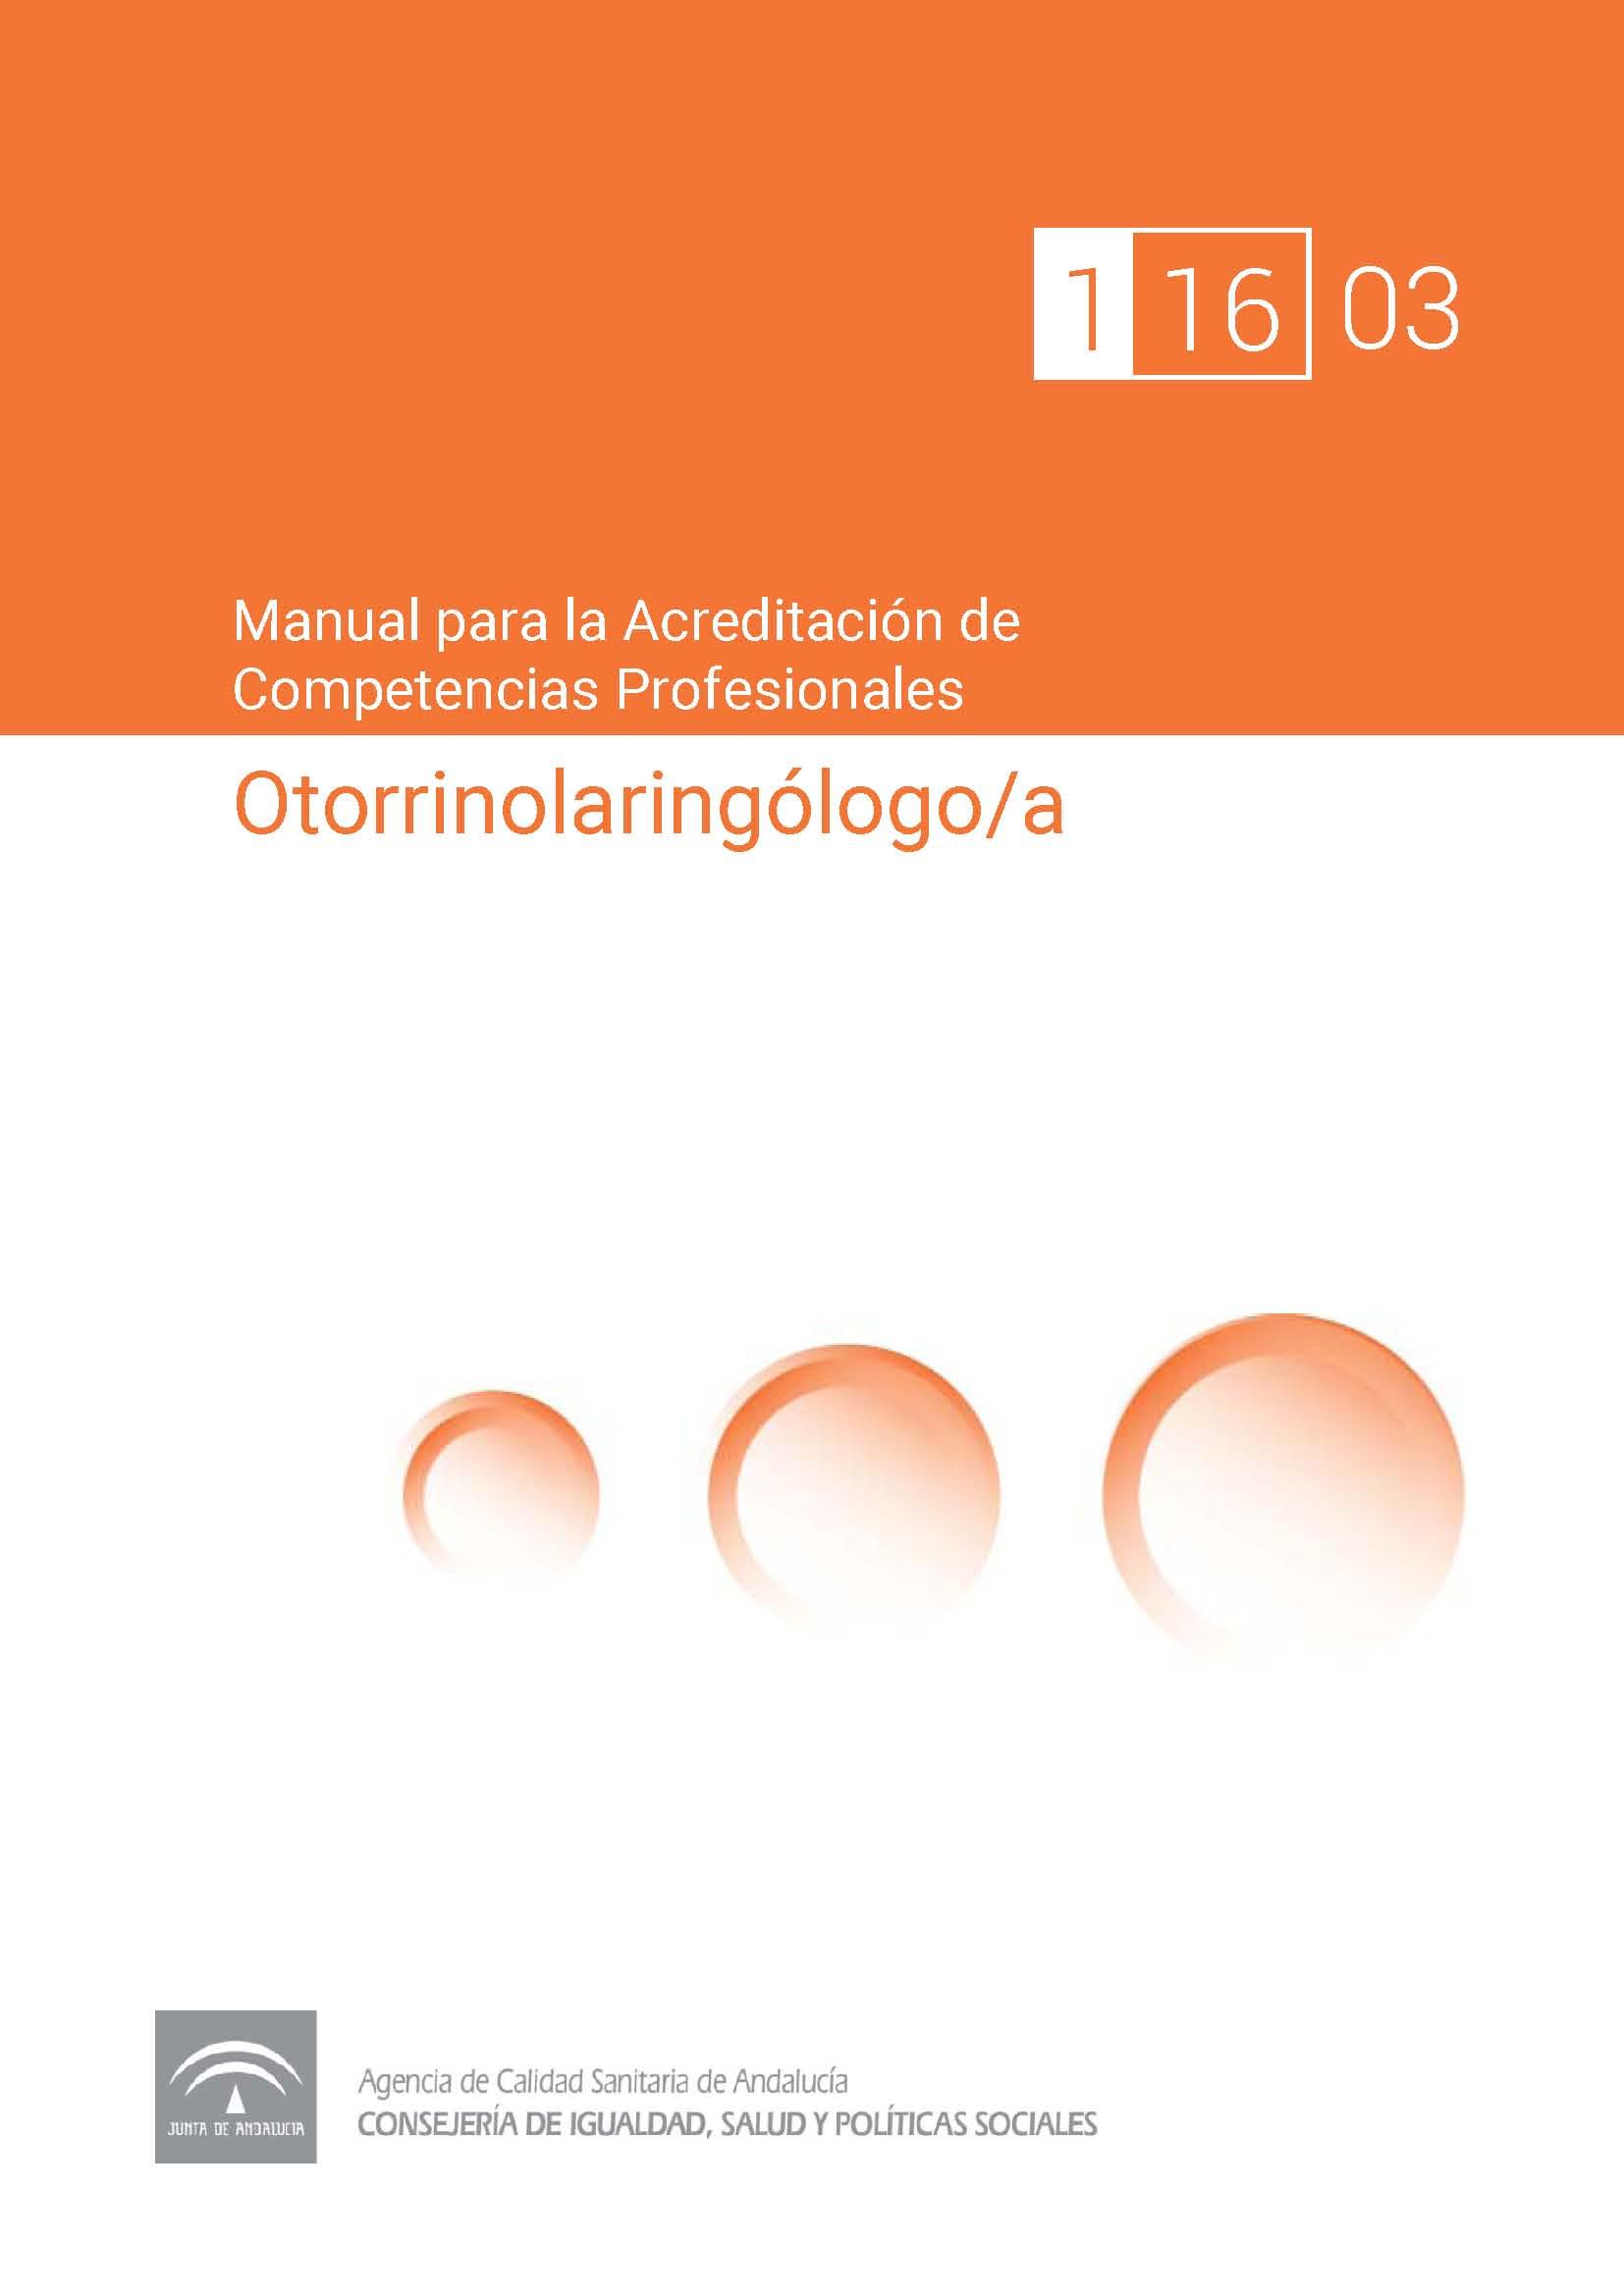 Manual de competencias profesionales del/de la Otorrinolaringólogo/a